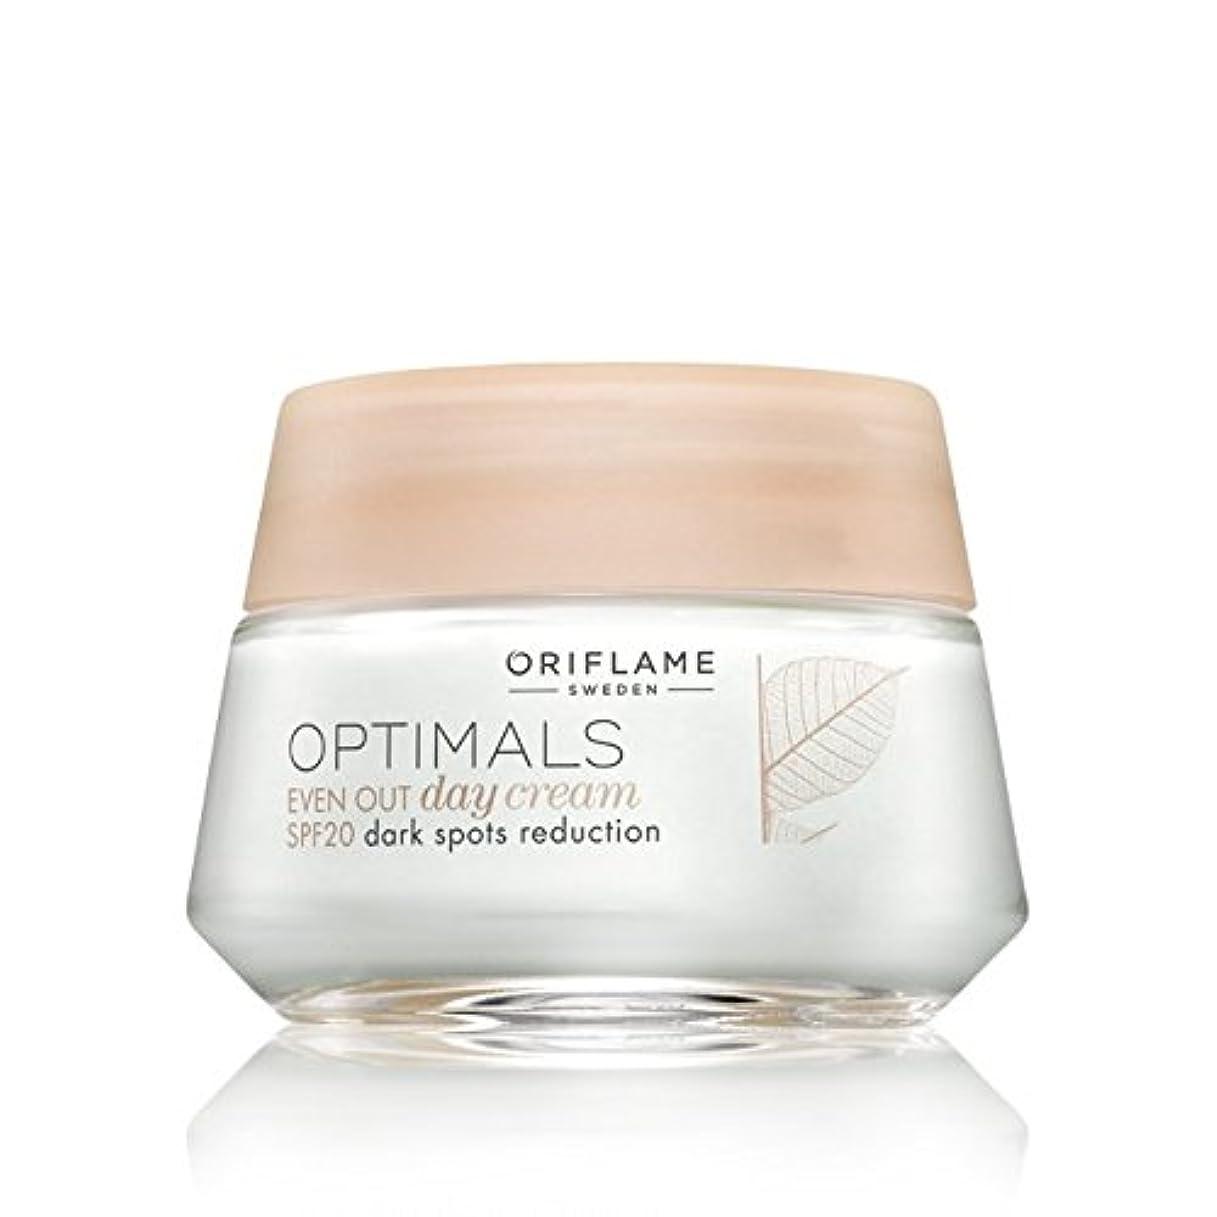 おしゃれじゃないトンネル測るOriflame Optimals SPF 20 Dark Spot Reduction Even Out Day Cream, 50ml